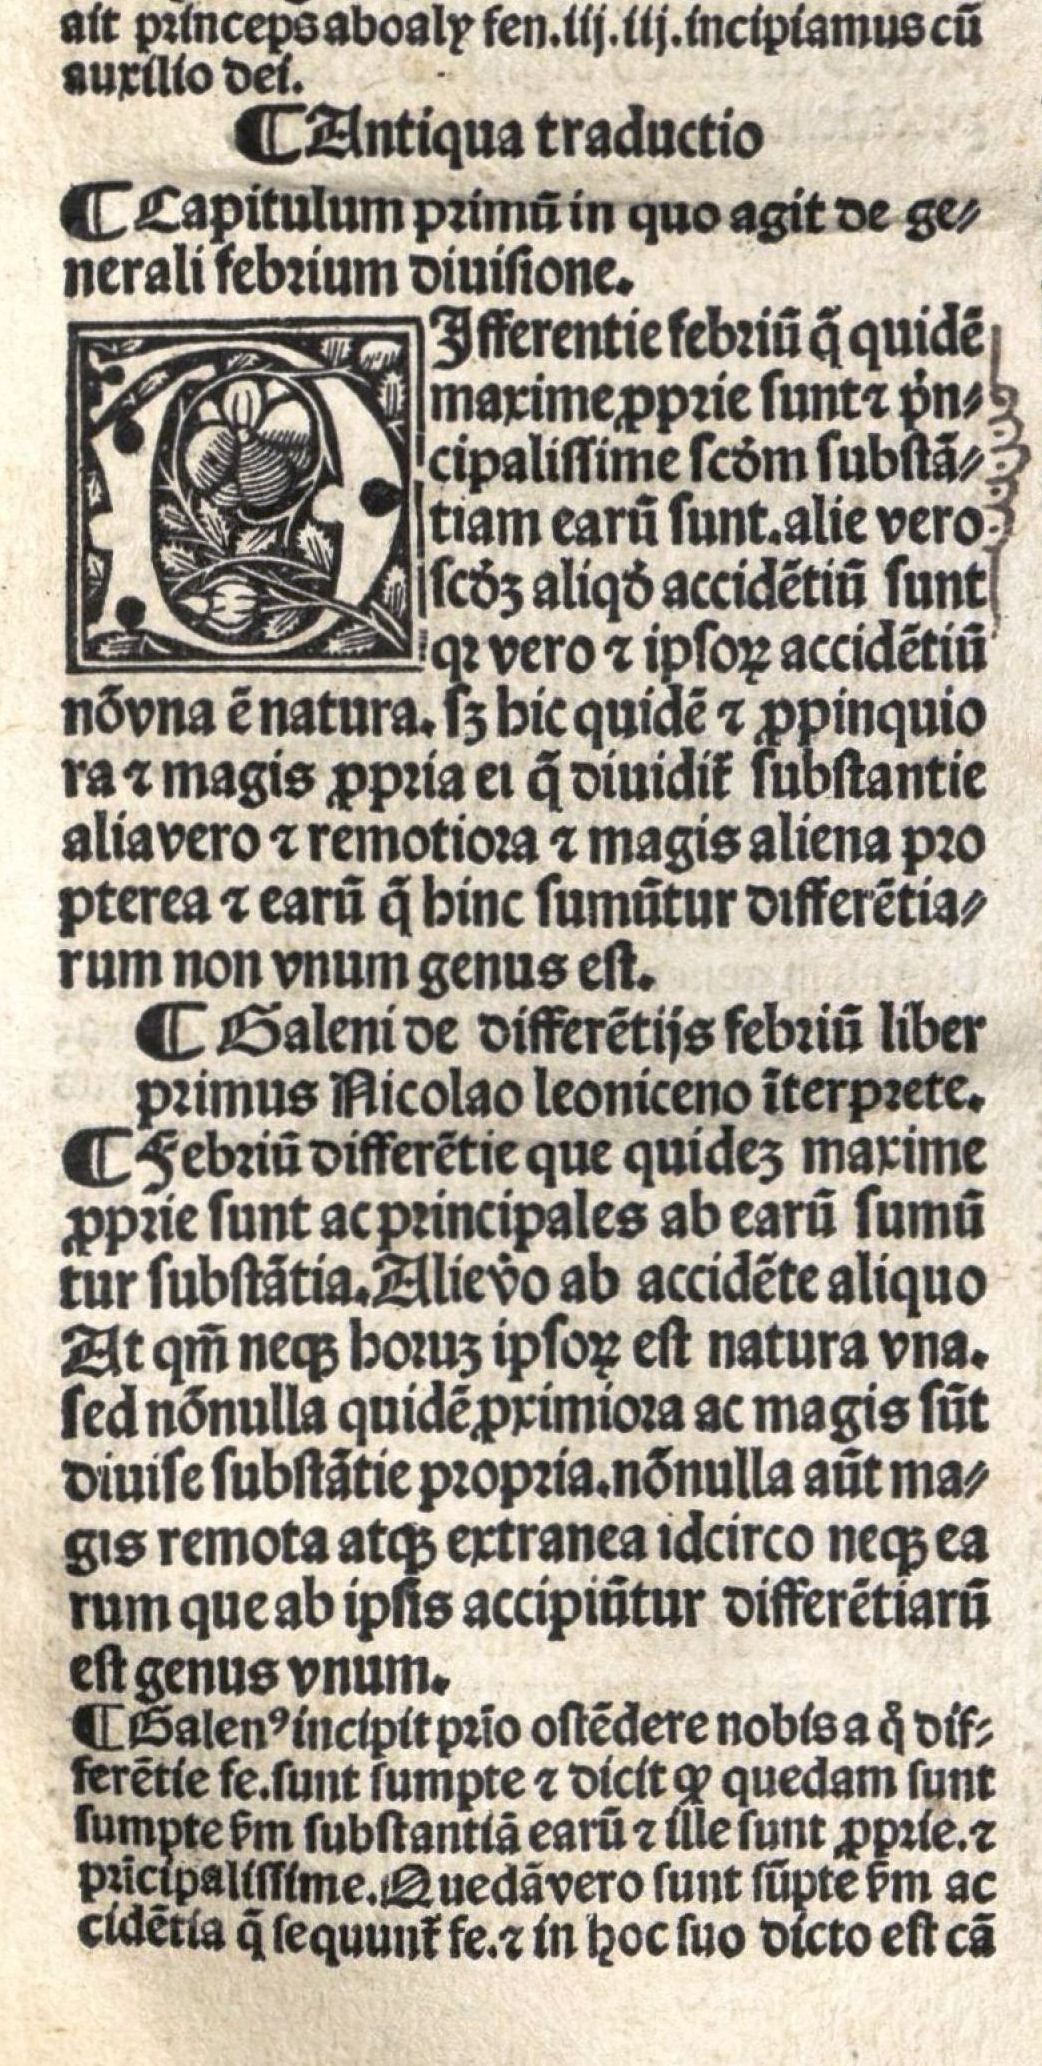 Método de la obra: traducción primitiva, luego versión leonicena y, finalmente, comentario de Garbo.